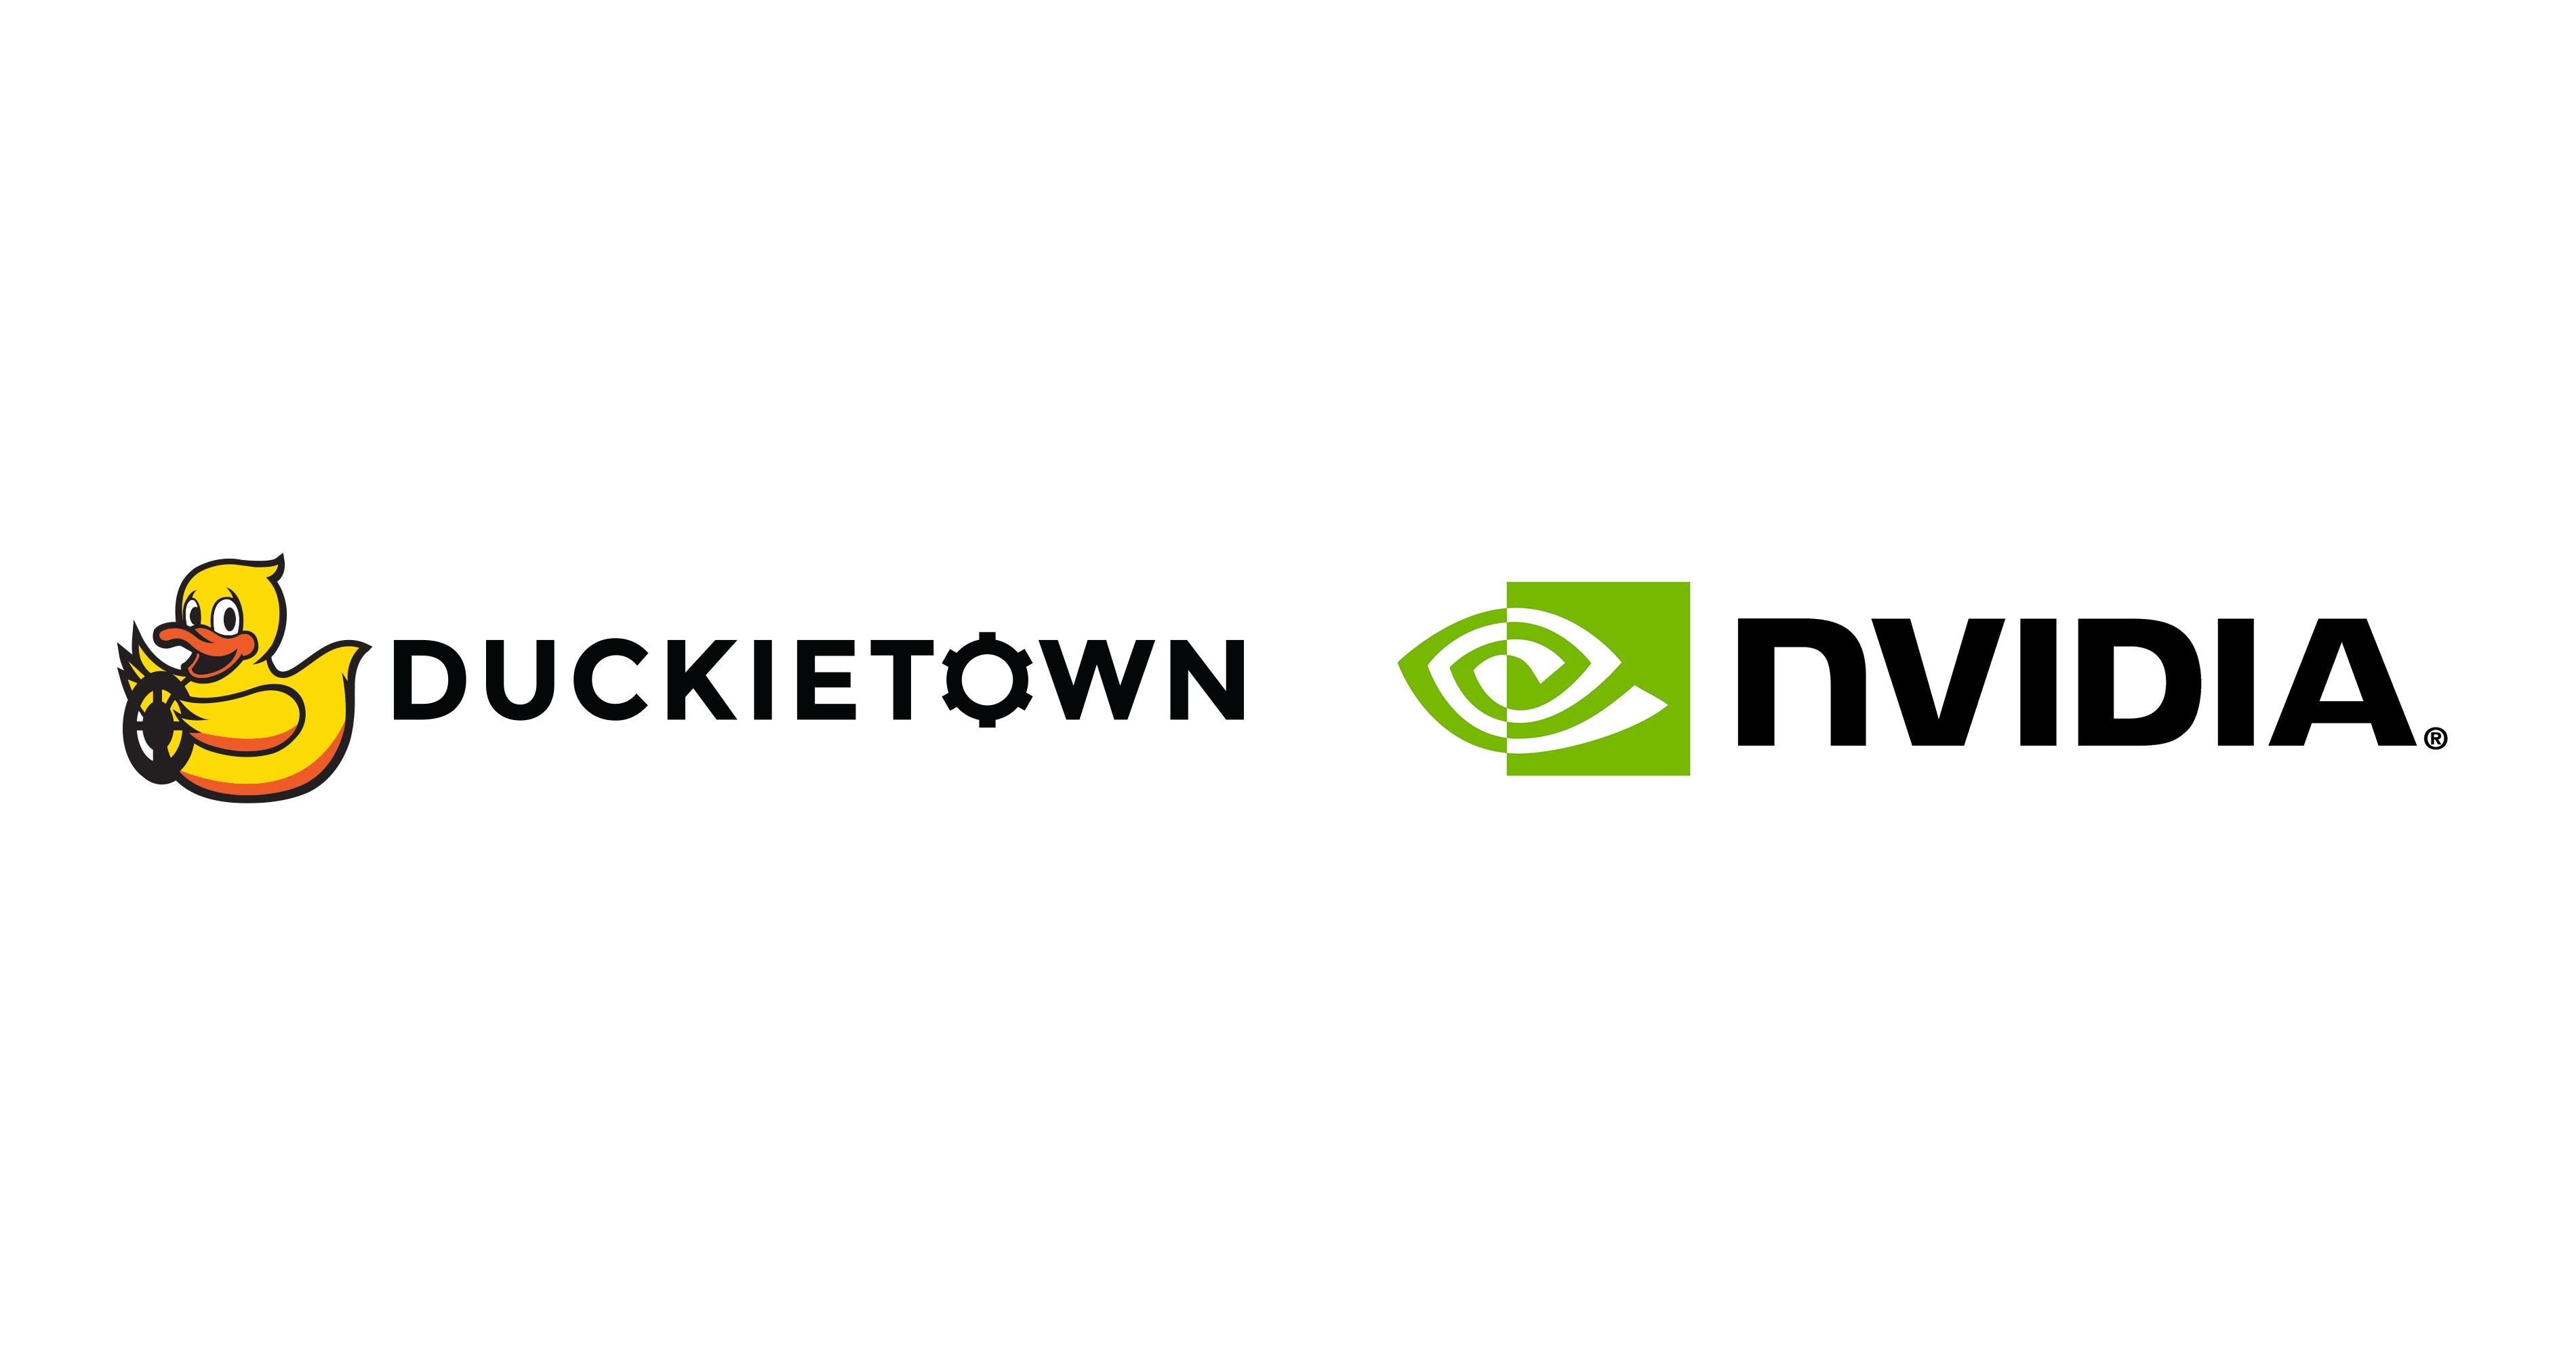 duckietown e NVIDIA